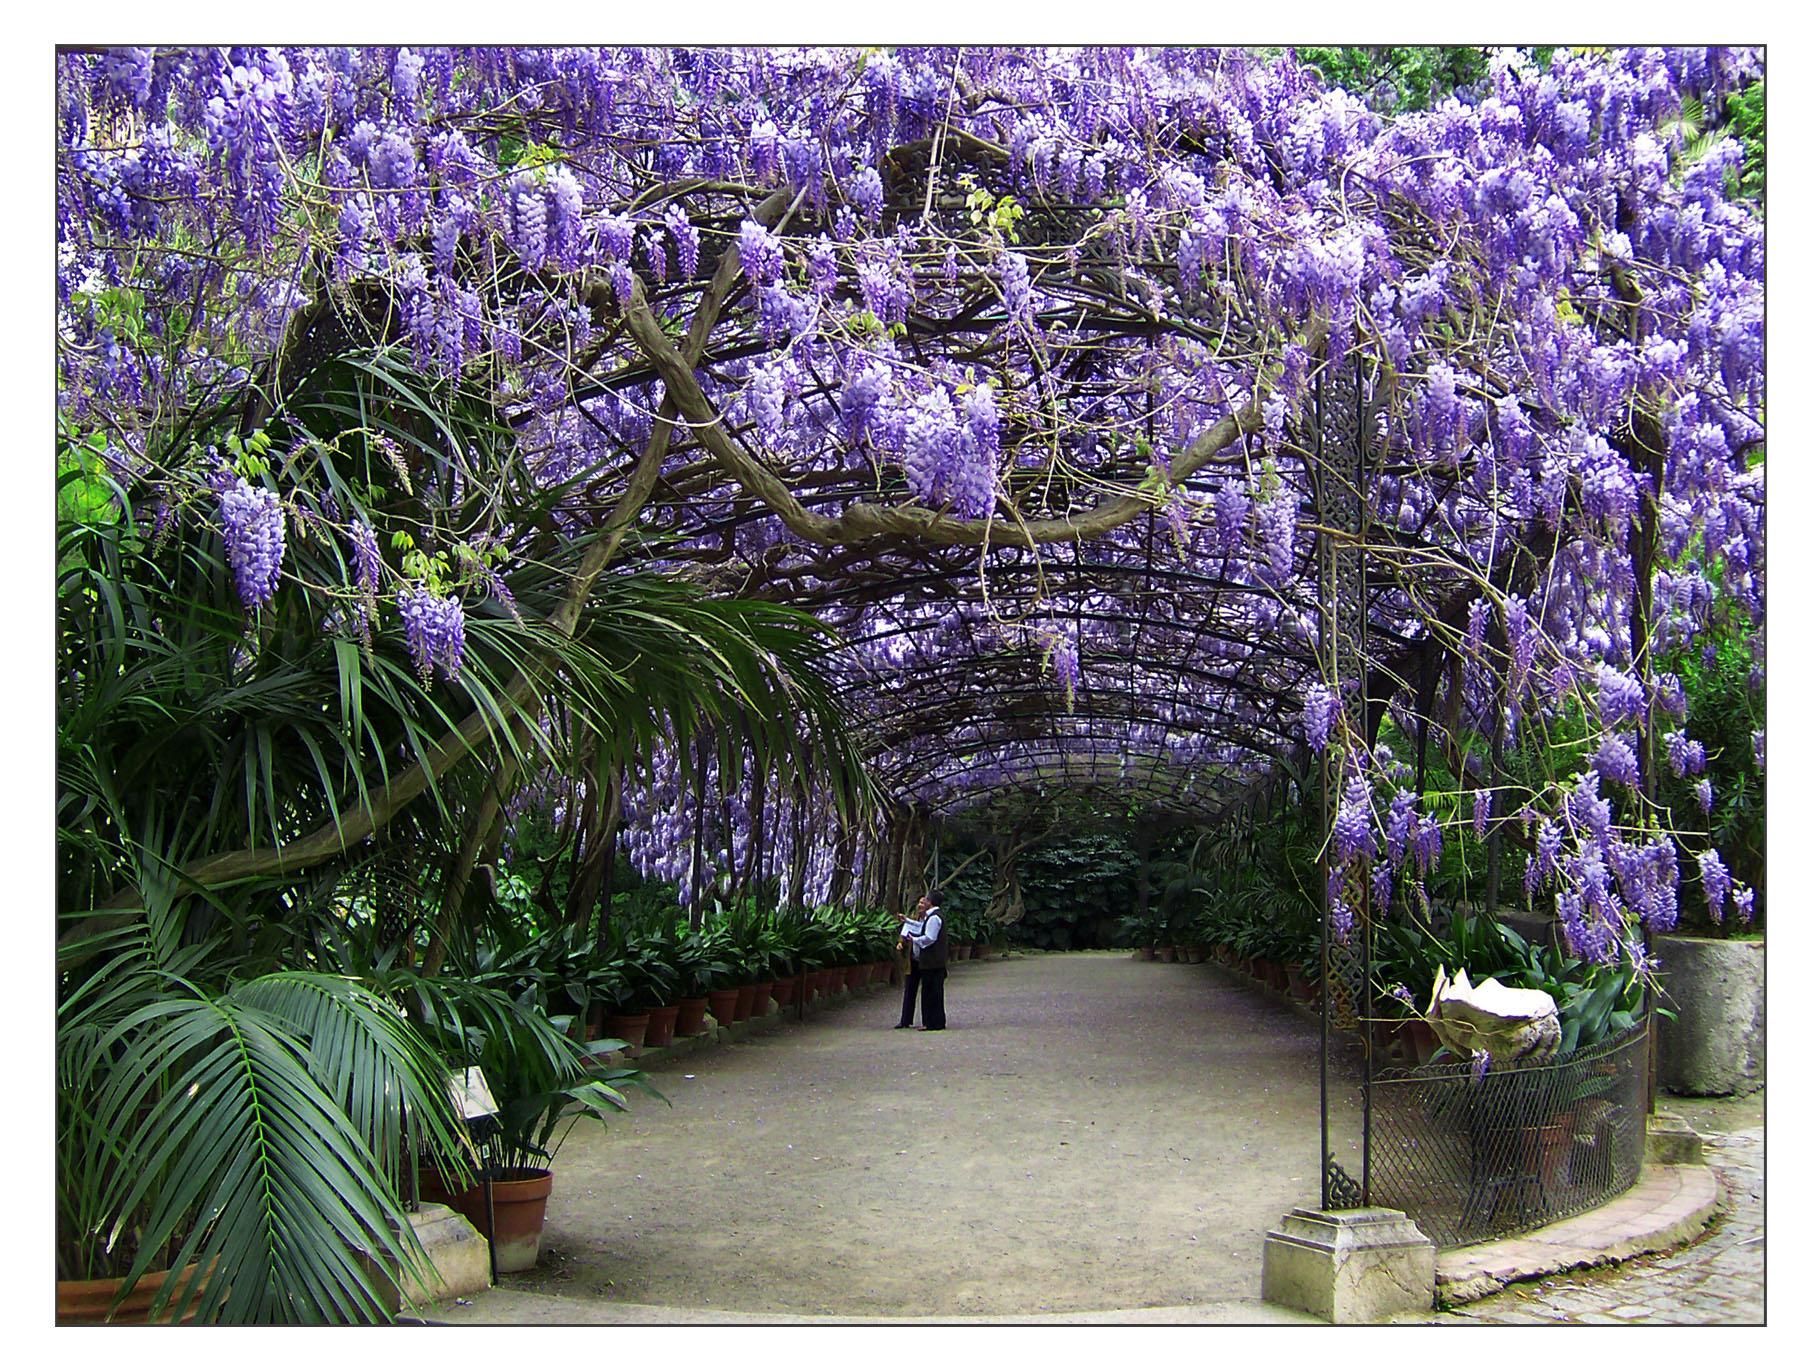 Glicinias en el cenador del jard n botanico hist rico la for Jardin botanico de malaga